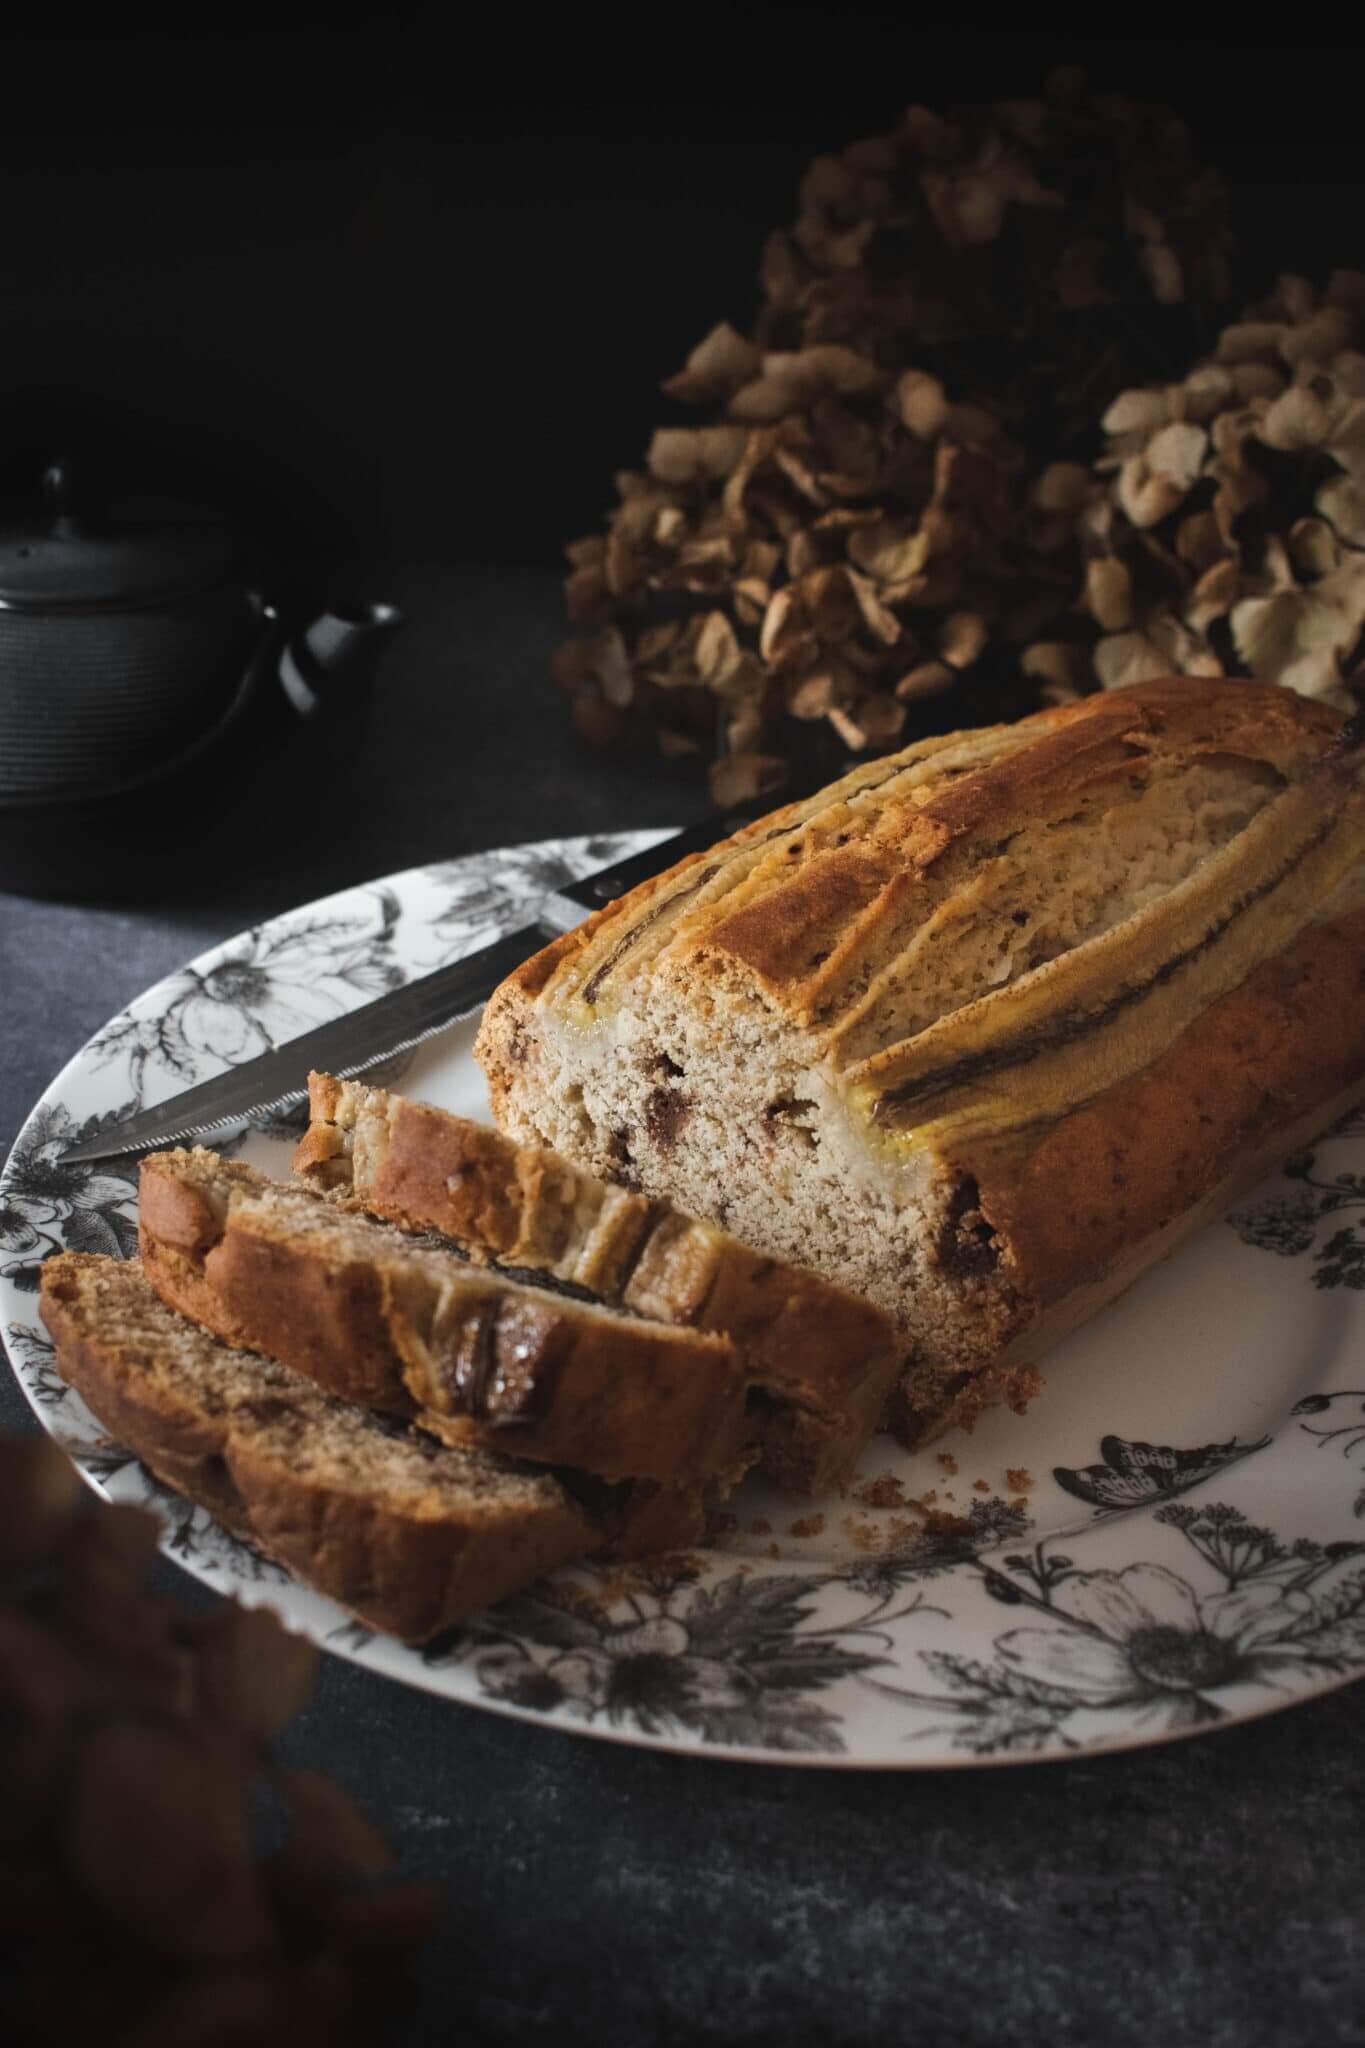 Banana bread vue de 3/4 avec théière en fonte et hortensias séchés